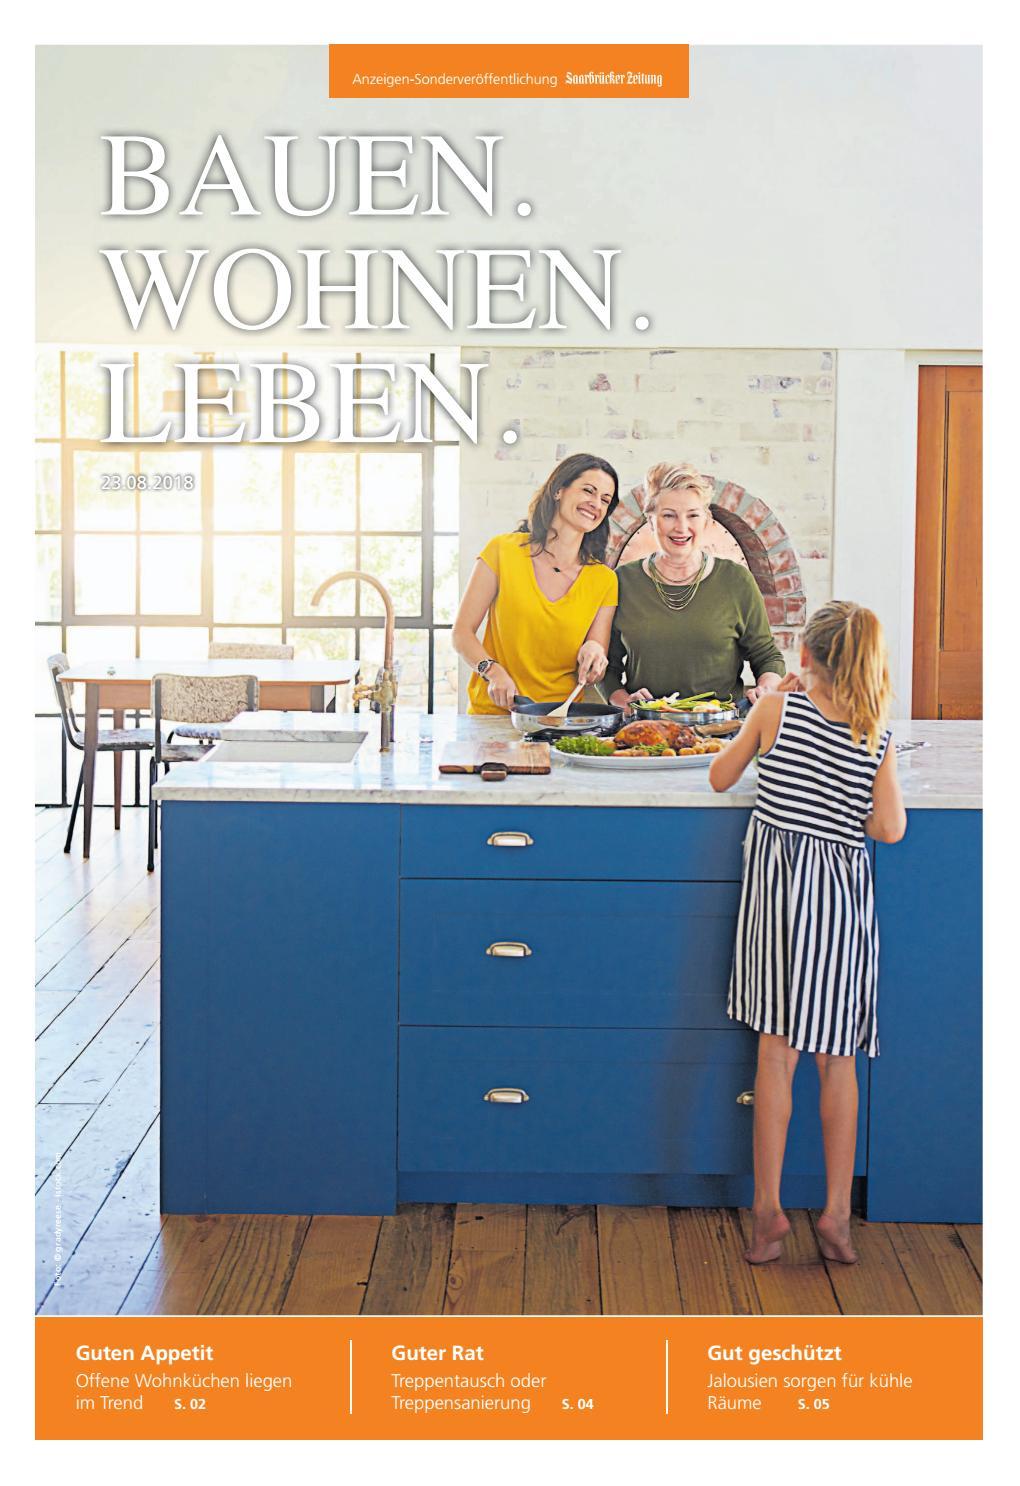 Bauen. Wohnen. Leben 23.08.2018 by Saarbrücker VerlagsService GmbH ...